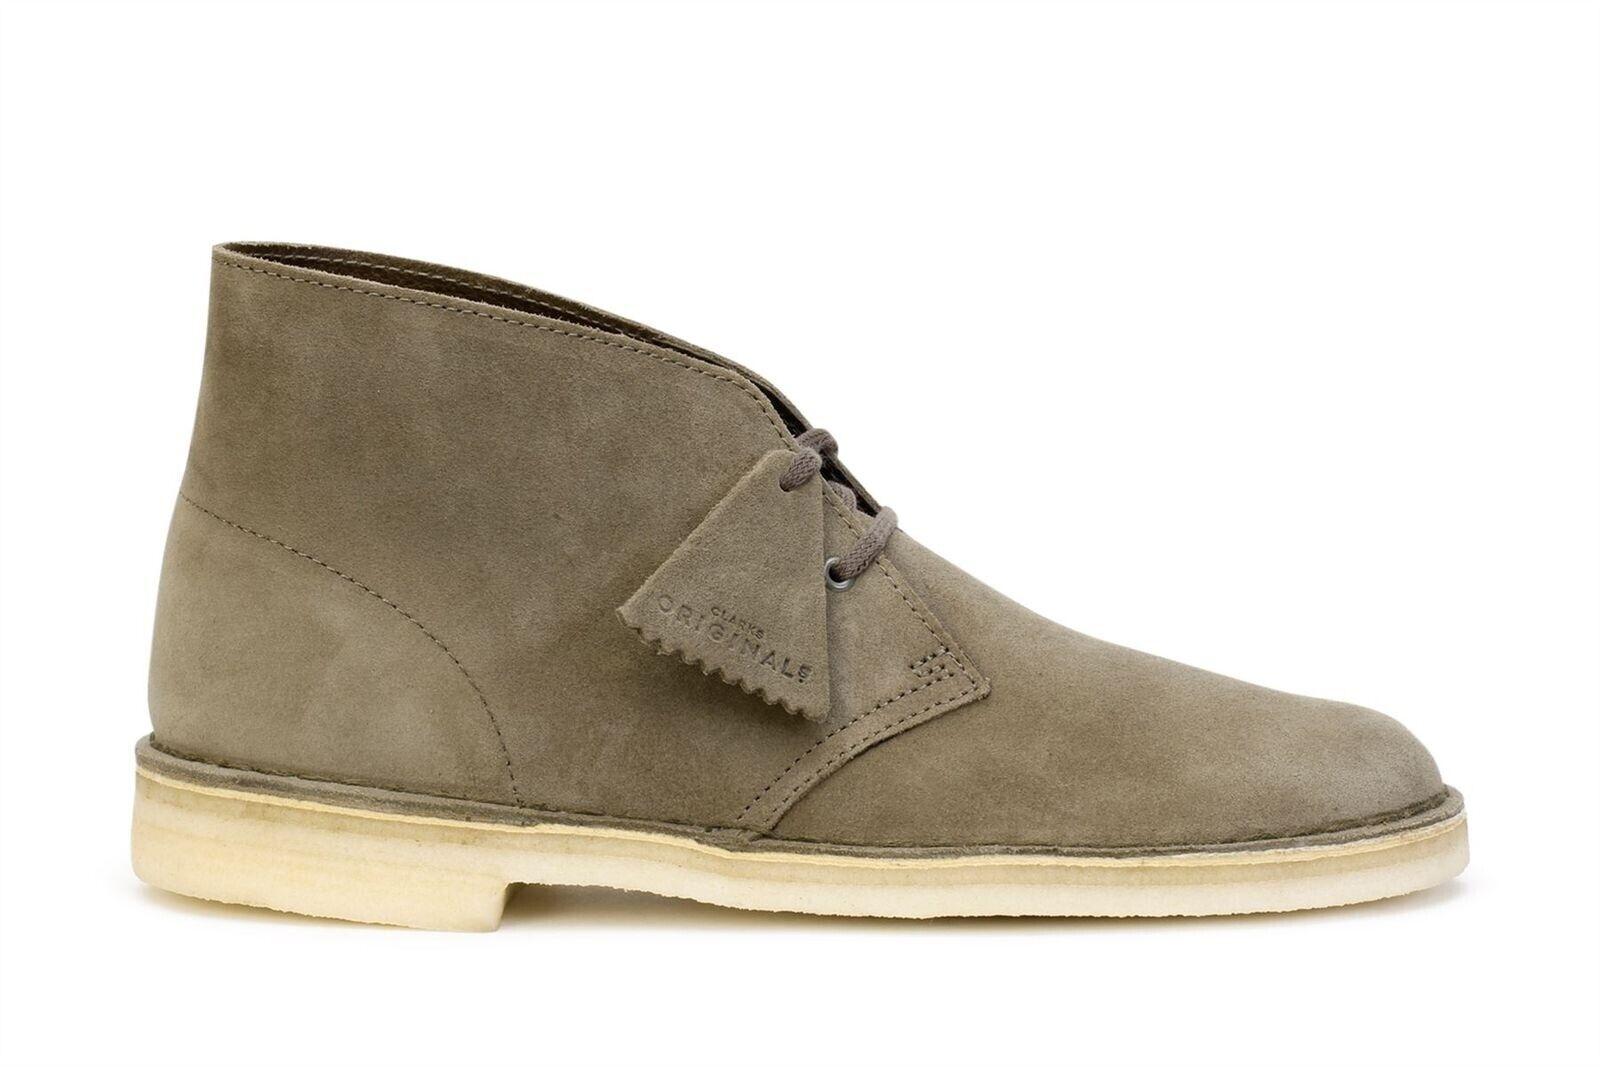 Clarks Originals Desert Boots Men's Olive Suede 26138234